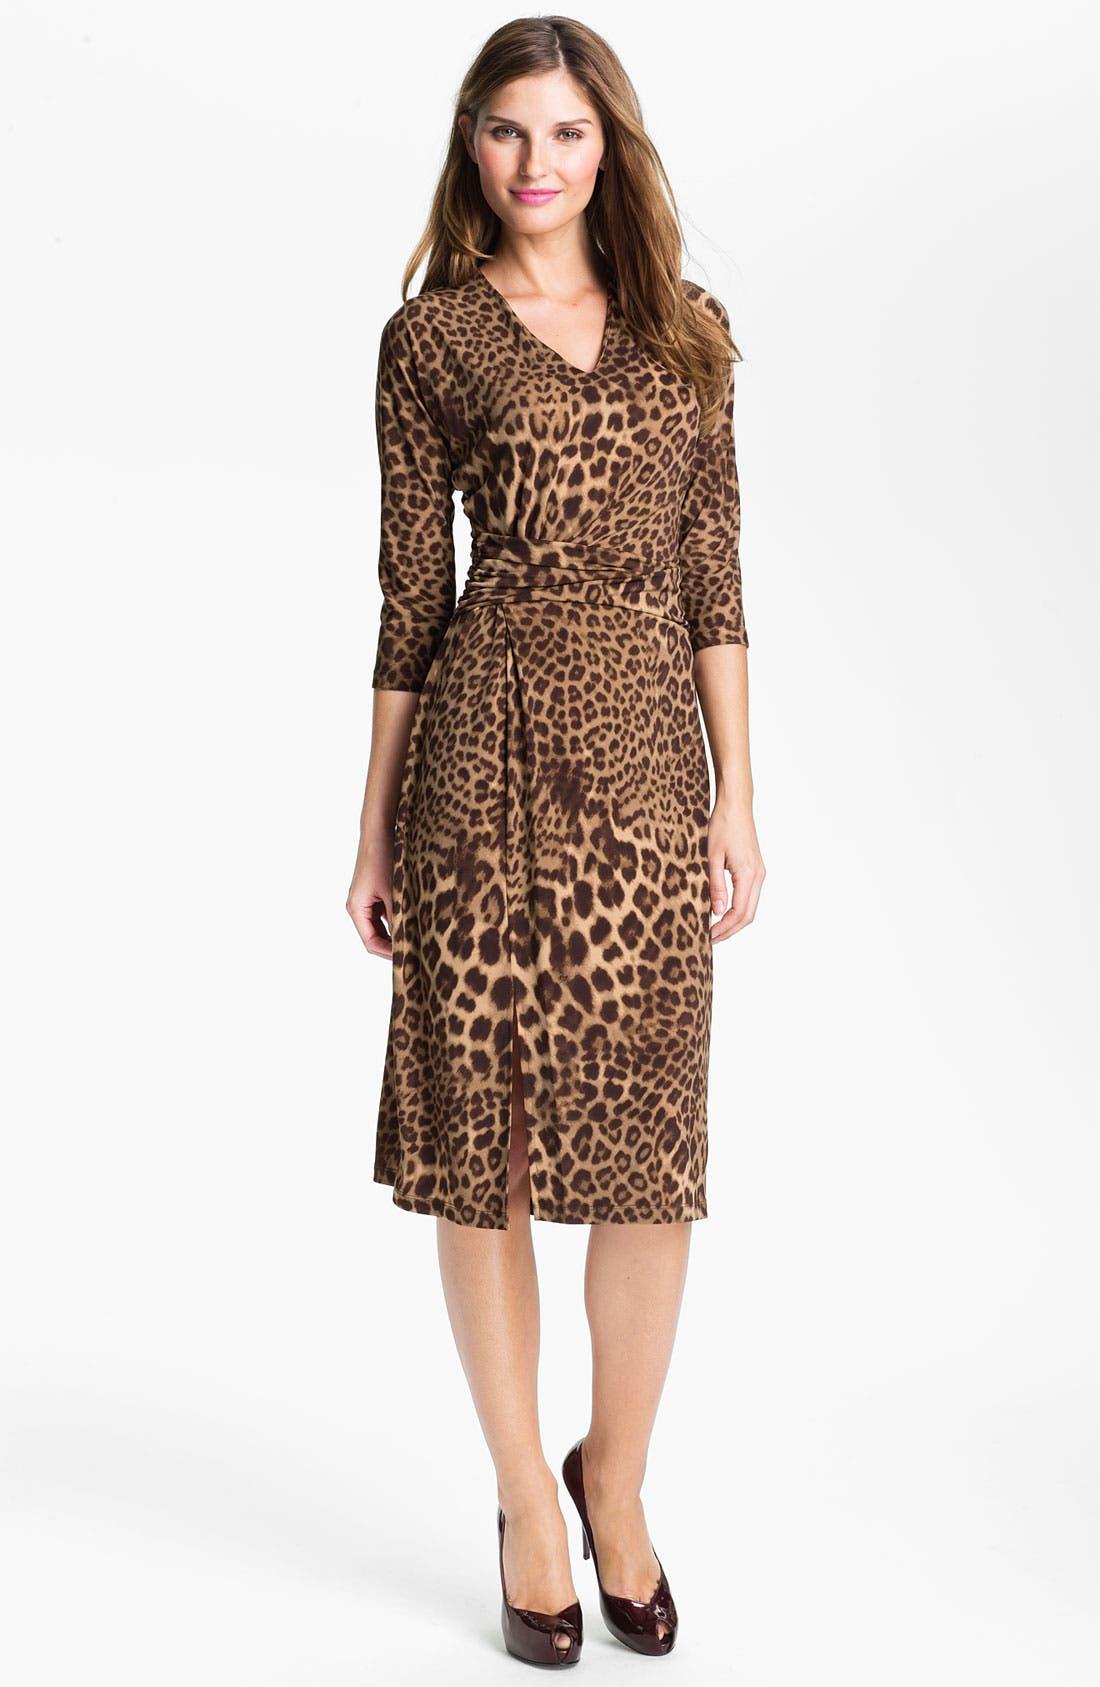 Alternate Image 1 Selected - Anne Klein Leopard Print V-Neck Dress (Online Exclusive)